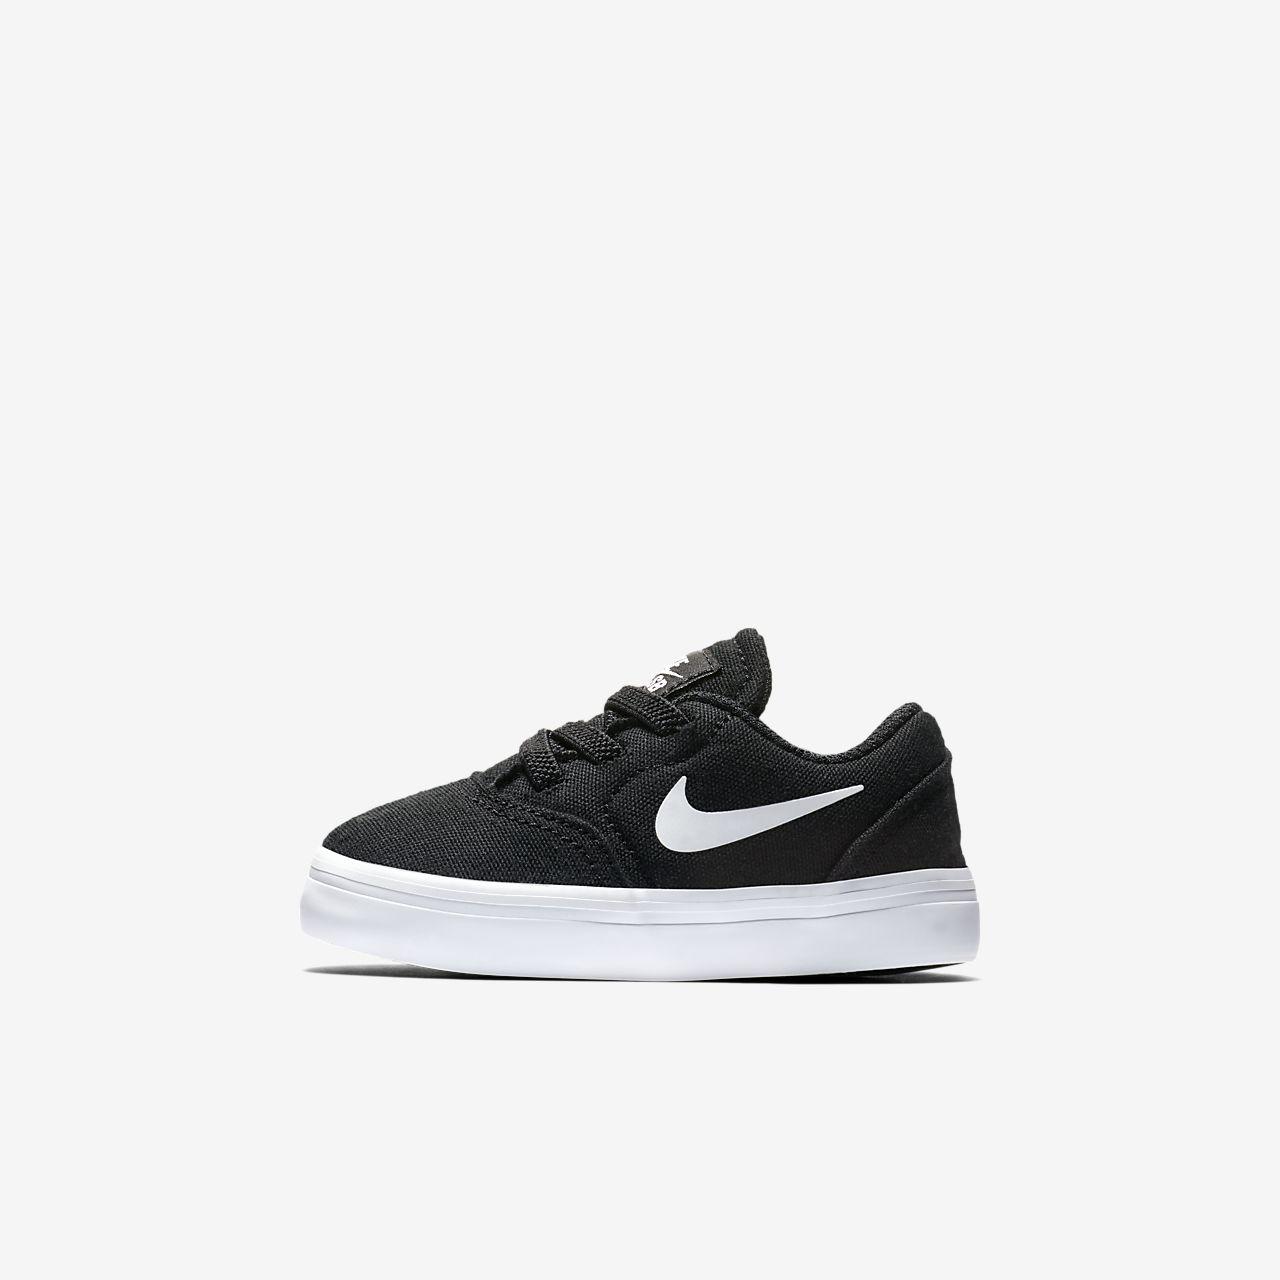 Nike SB Check Canvas Schoen voor baby's/peuters